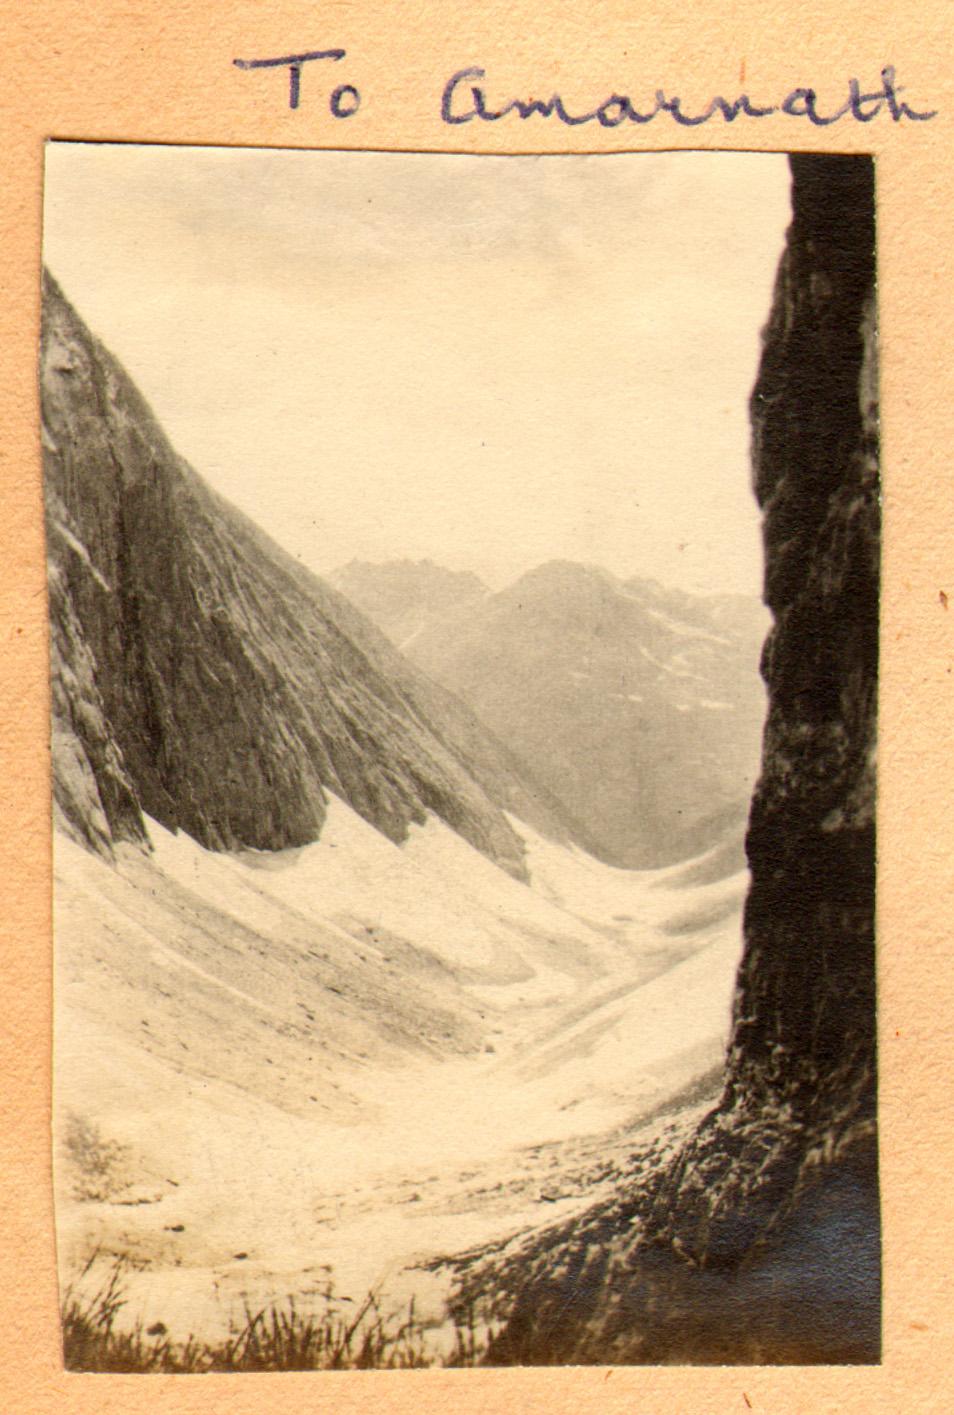 150 1920 To Amarnath, Kashmir by Ralph Stewart